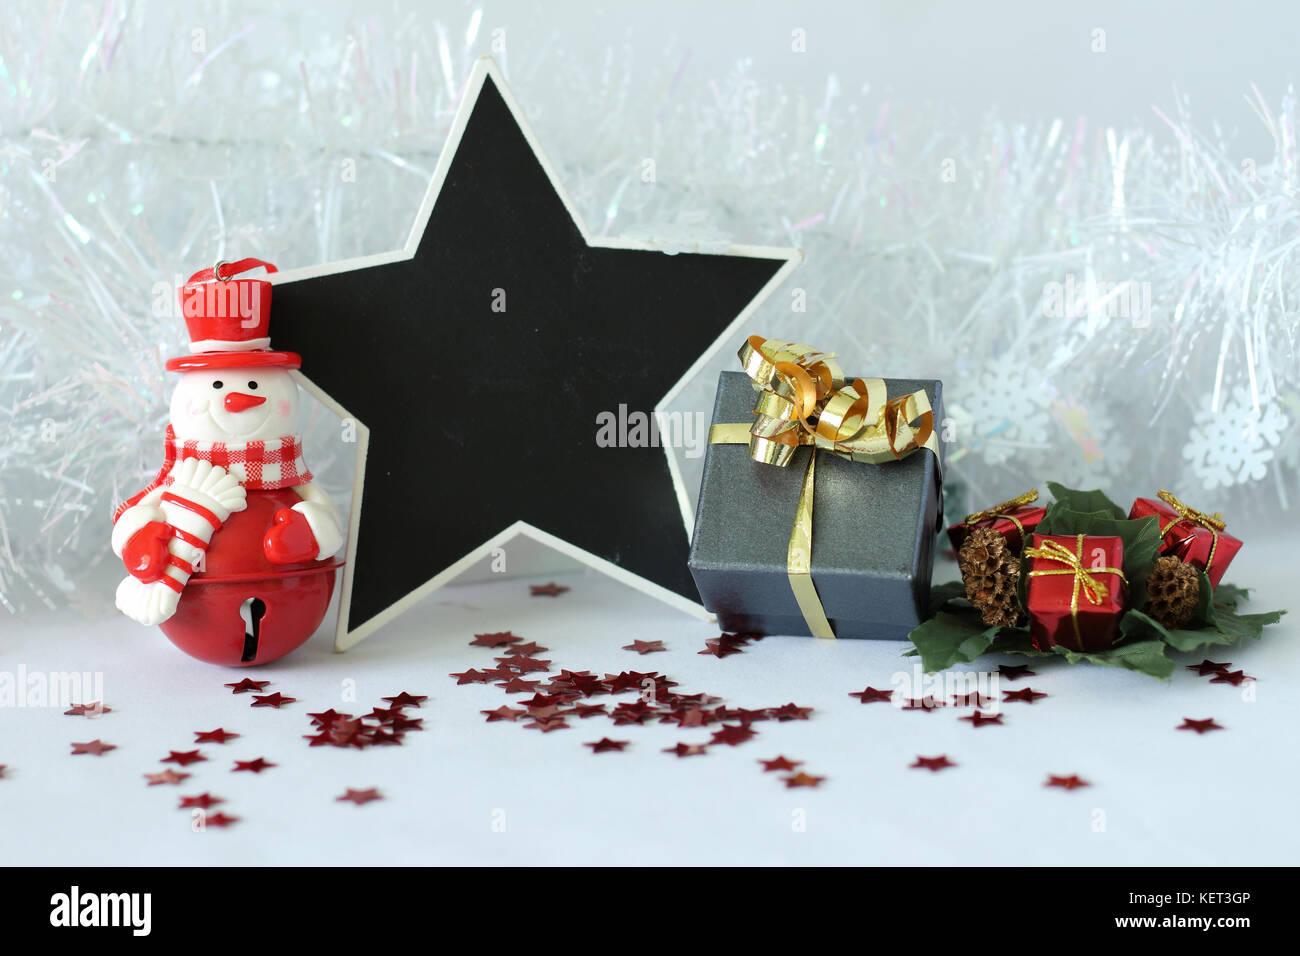 Weihnachtsfeier Dekoration.Polar Bär Mit Hut Und Ein Rotes Tuch Für Weihnachtsfeier Dekoration